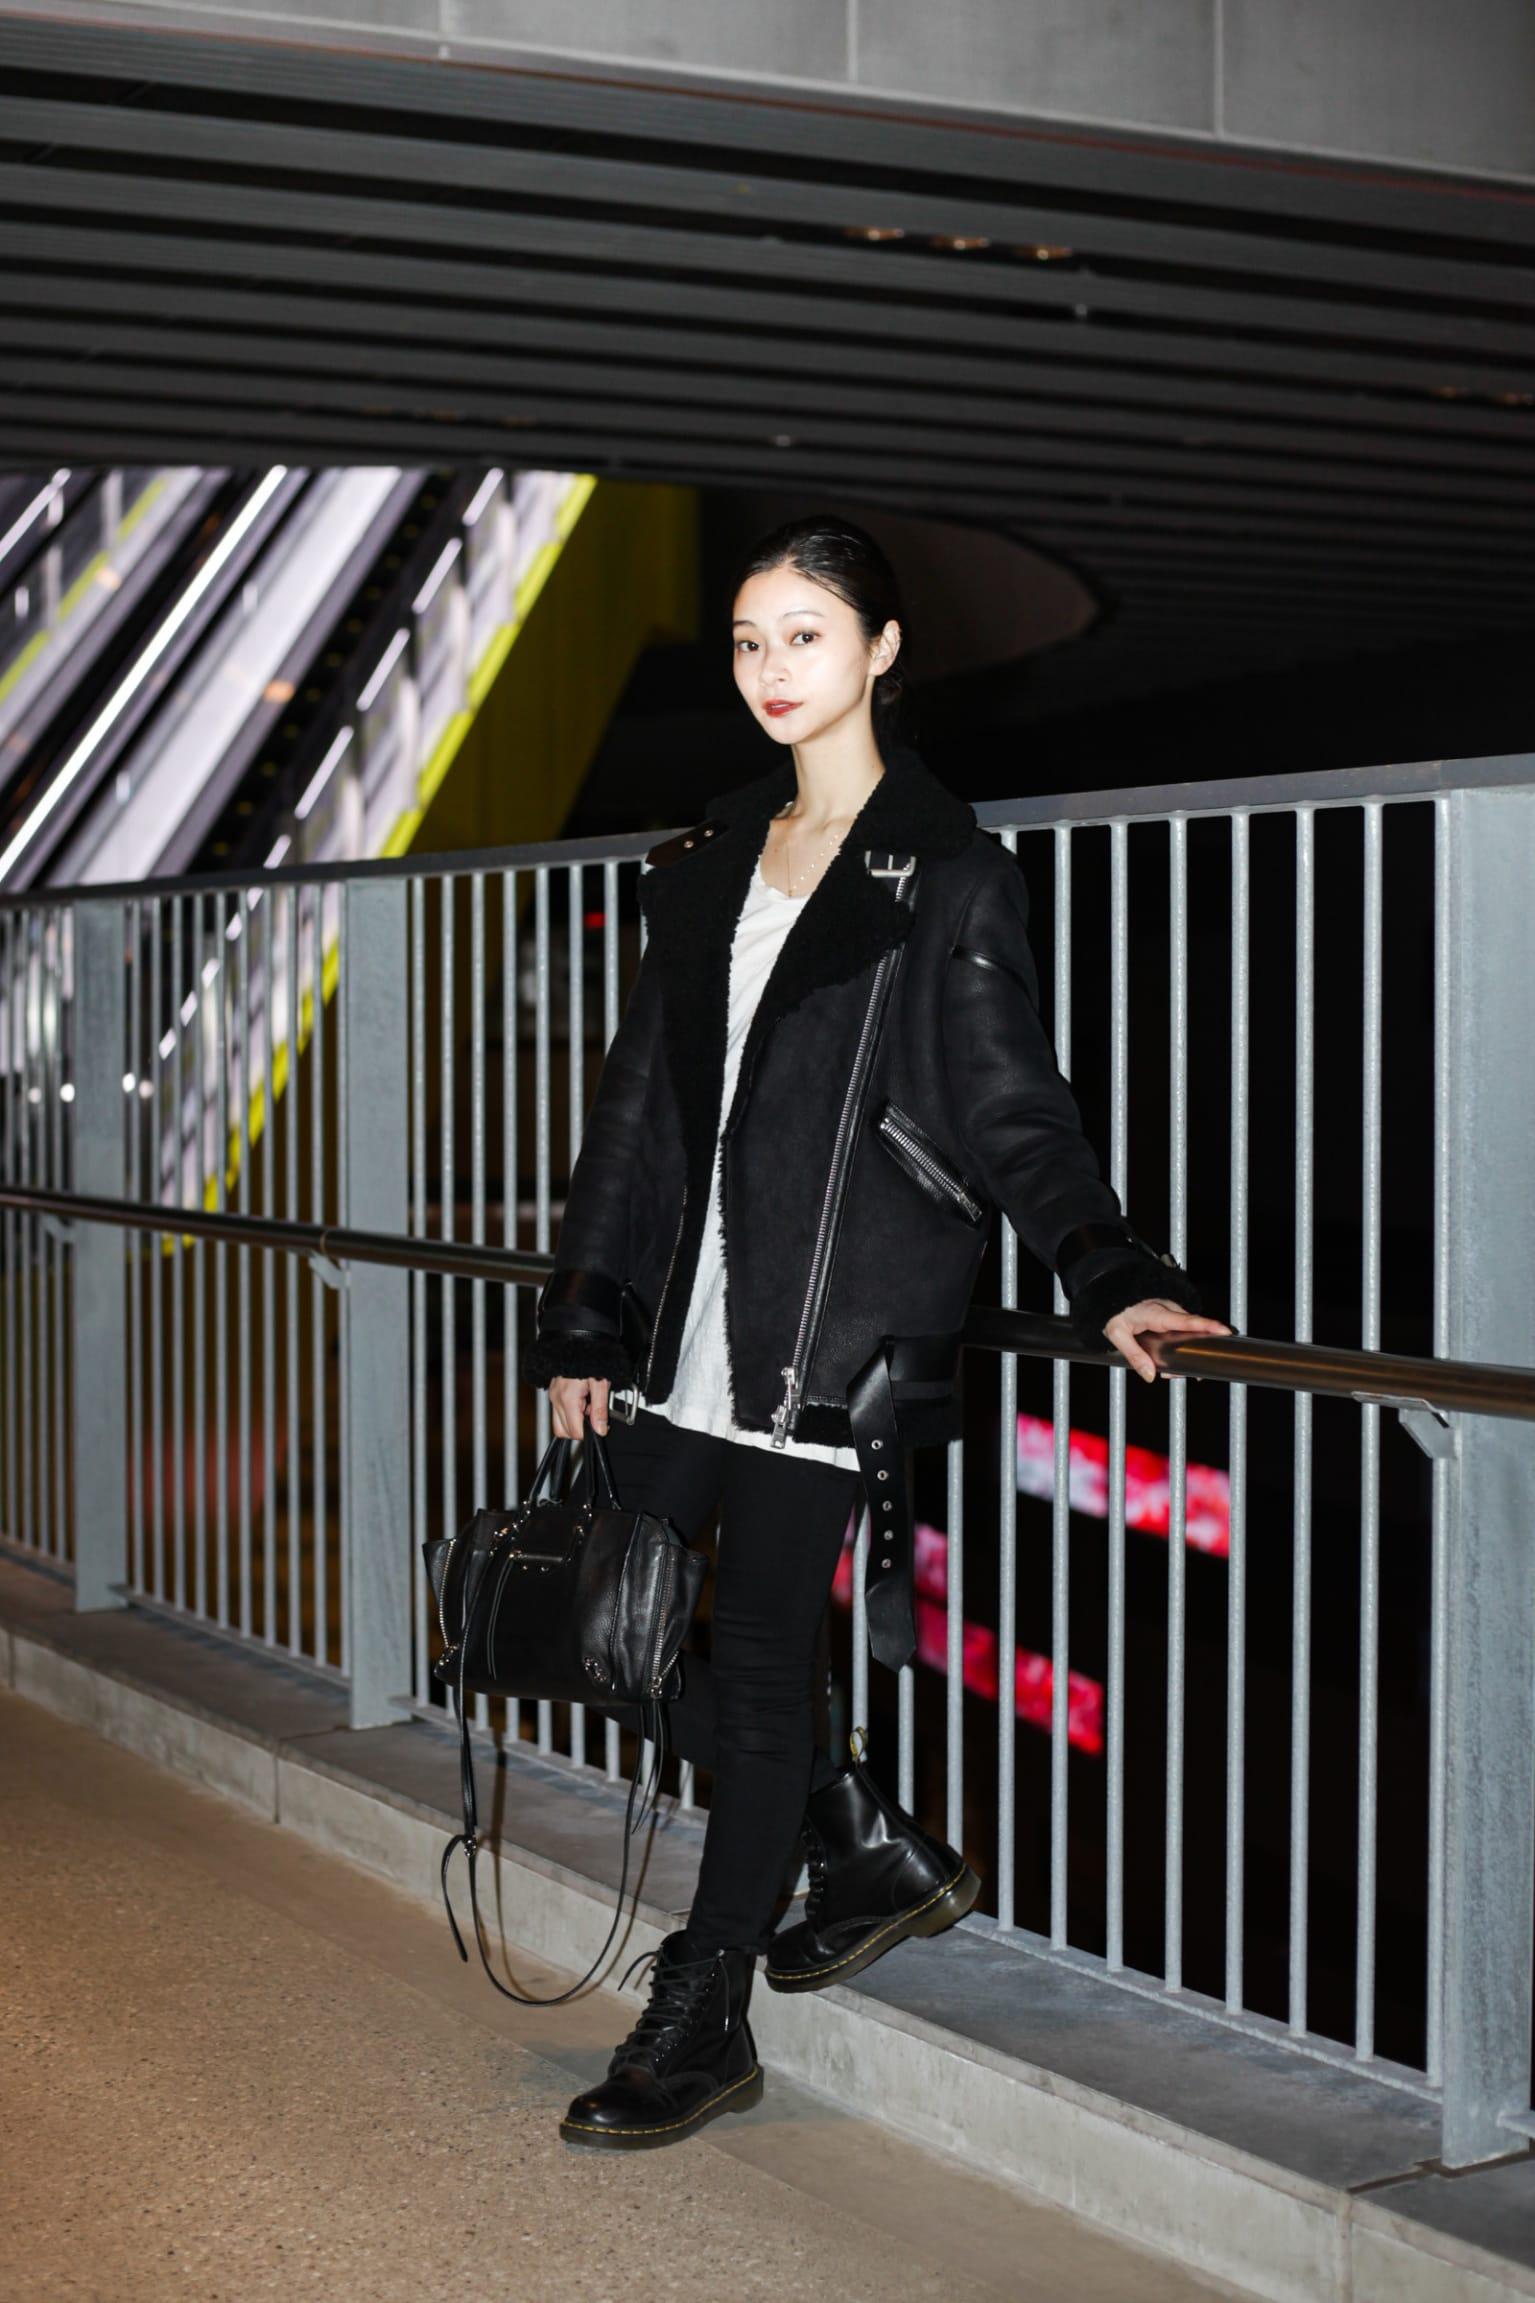 ドラマ「ザ・ハイスクール ヒーローズ」秘書の女優は誰?ドラマ歴も気になる!